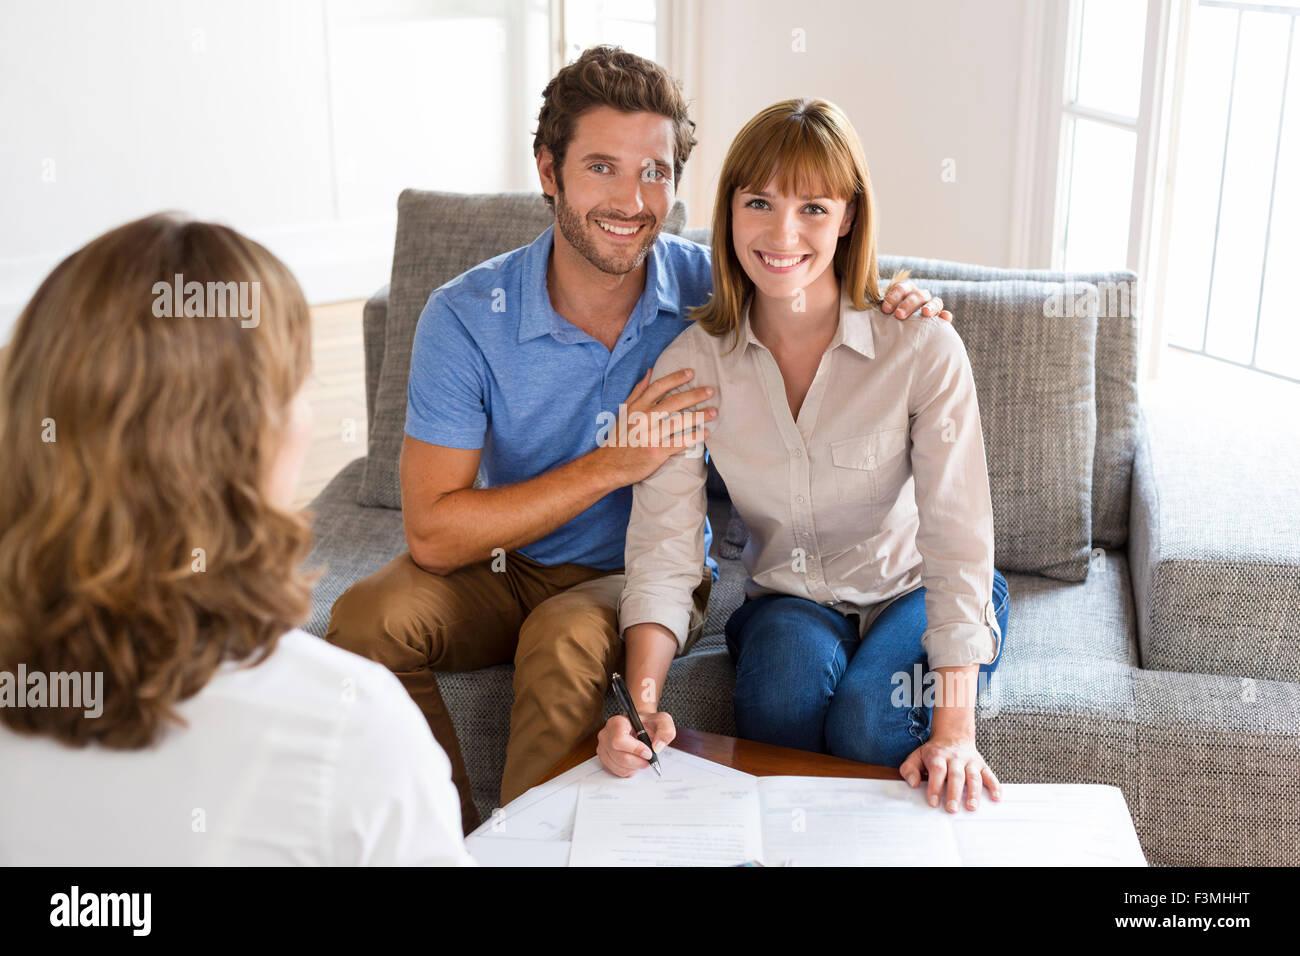 Jeune couple propriétaire réunion agent immobilier pour investissement maison. La signature d'un contrat. Photo Stock